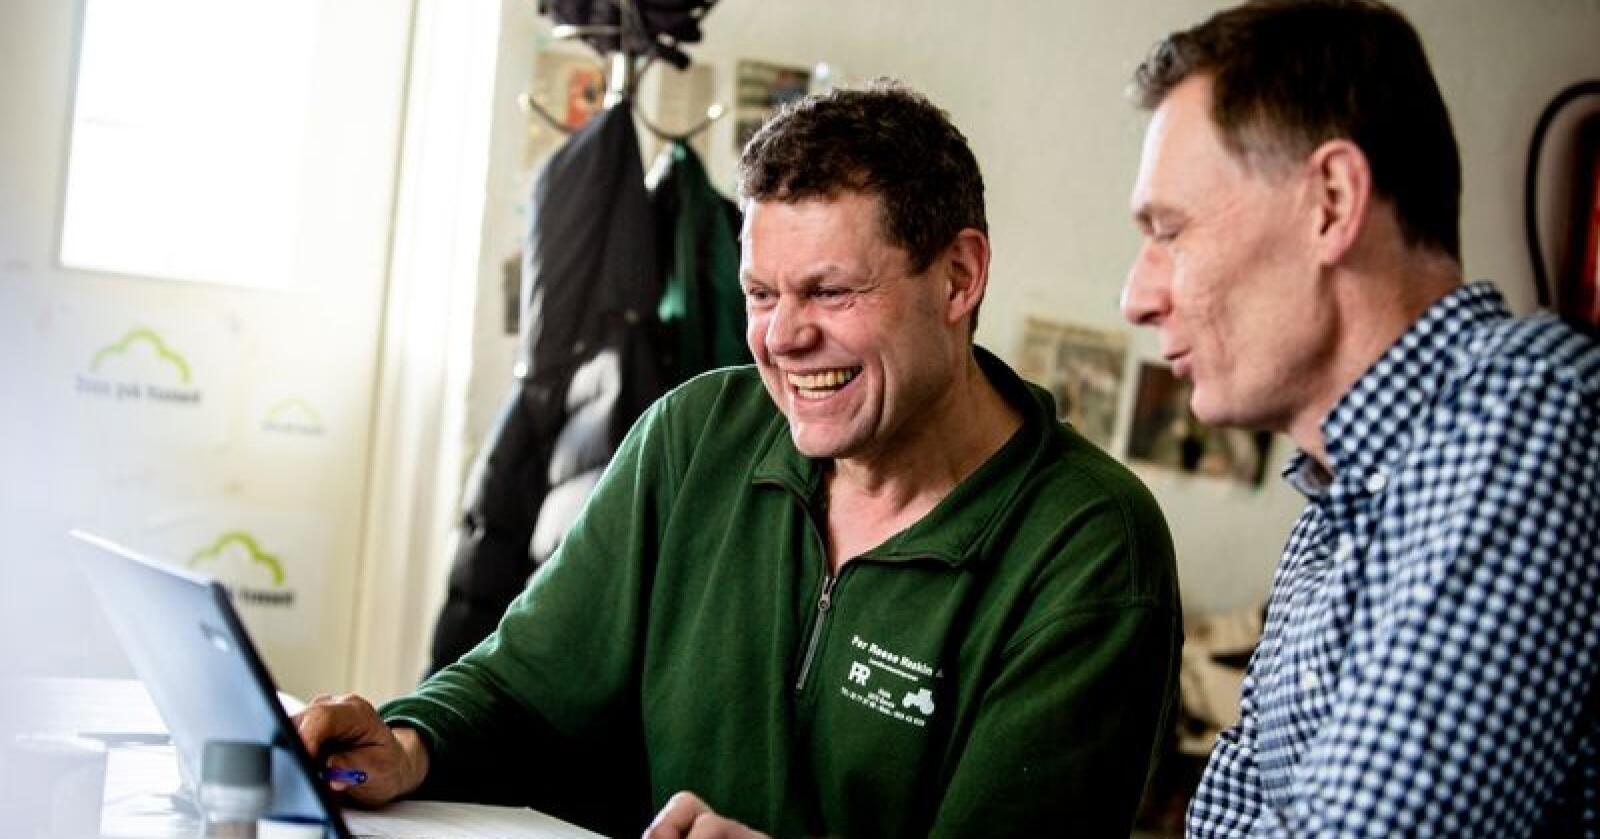 Gårdbruker Ole Kristian Sylling og regnskapsfører Erling Marthinsen ser på alle mulighetene som ligger i regnskapssystemet til Ago Økonomi. (Foto: Magnus Knutsen Bjørke)